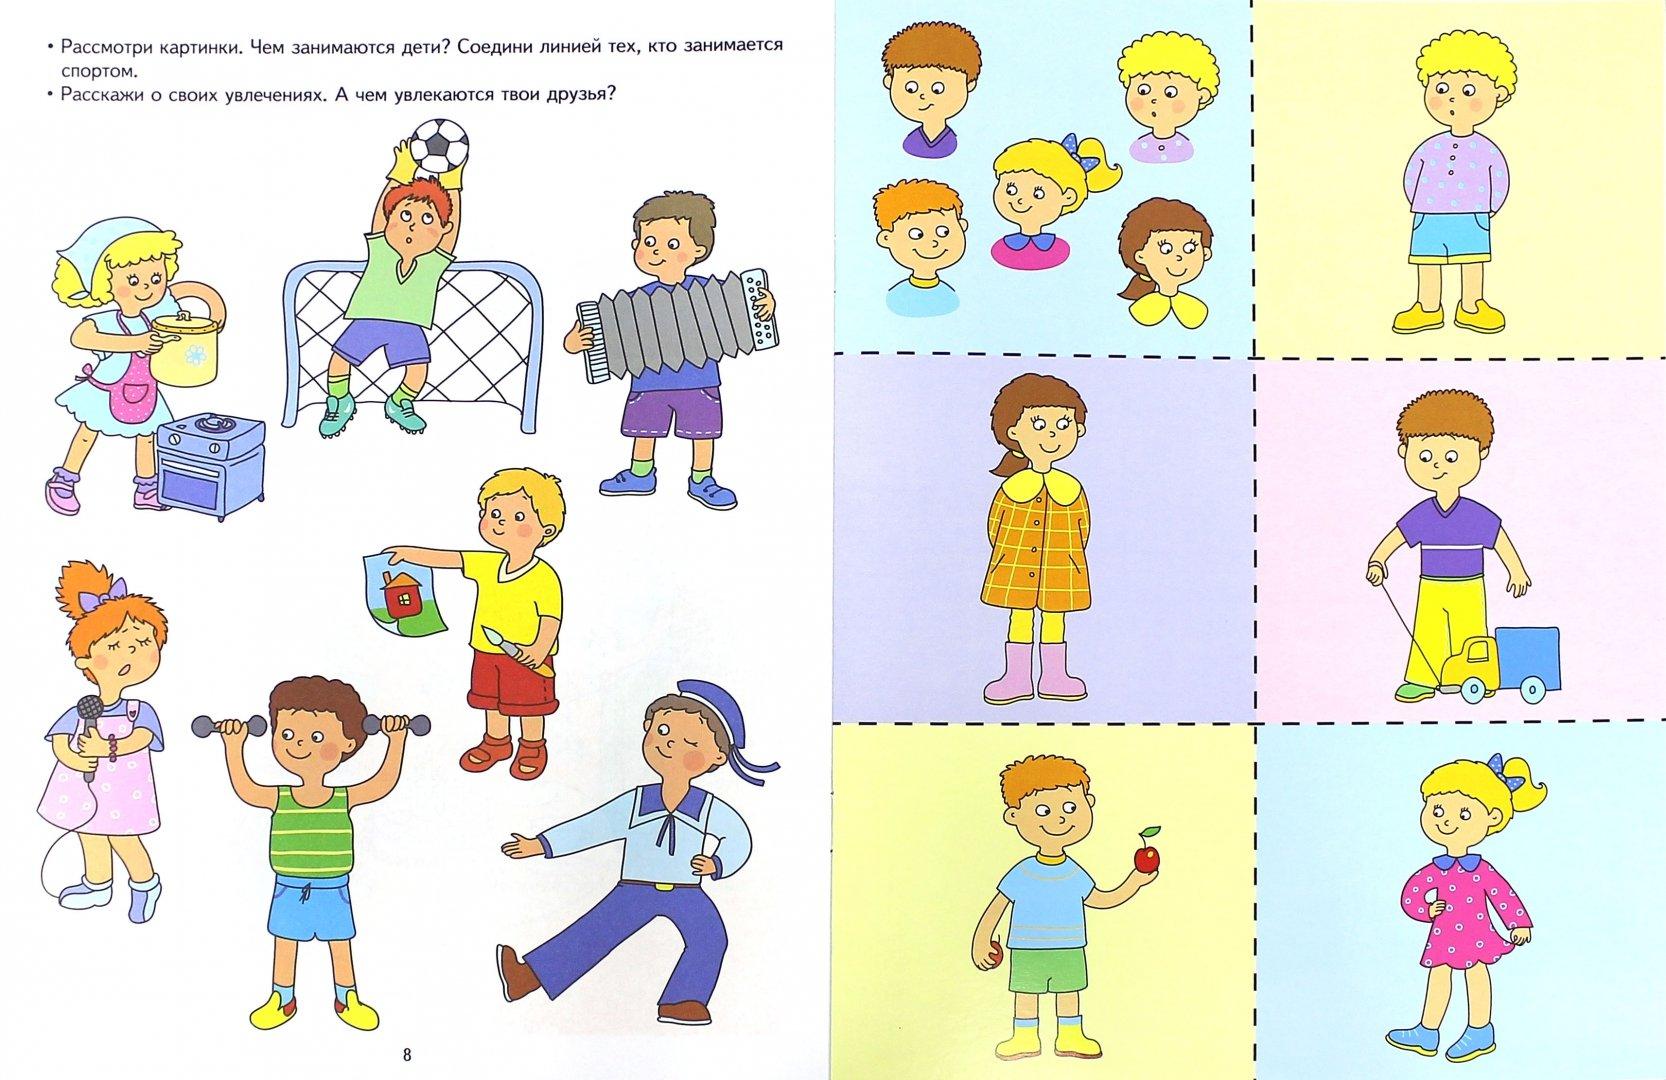 имеющих картинки для игры для дошколят егодня